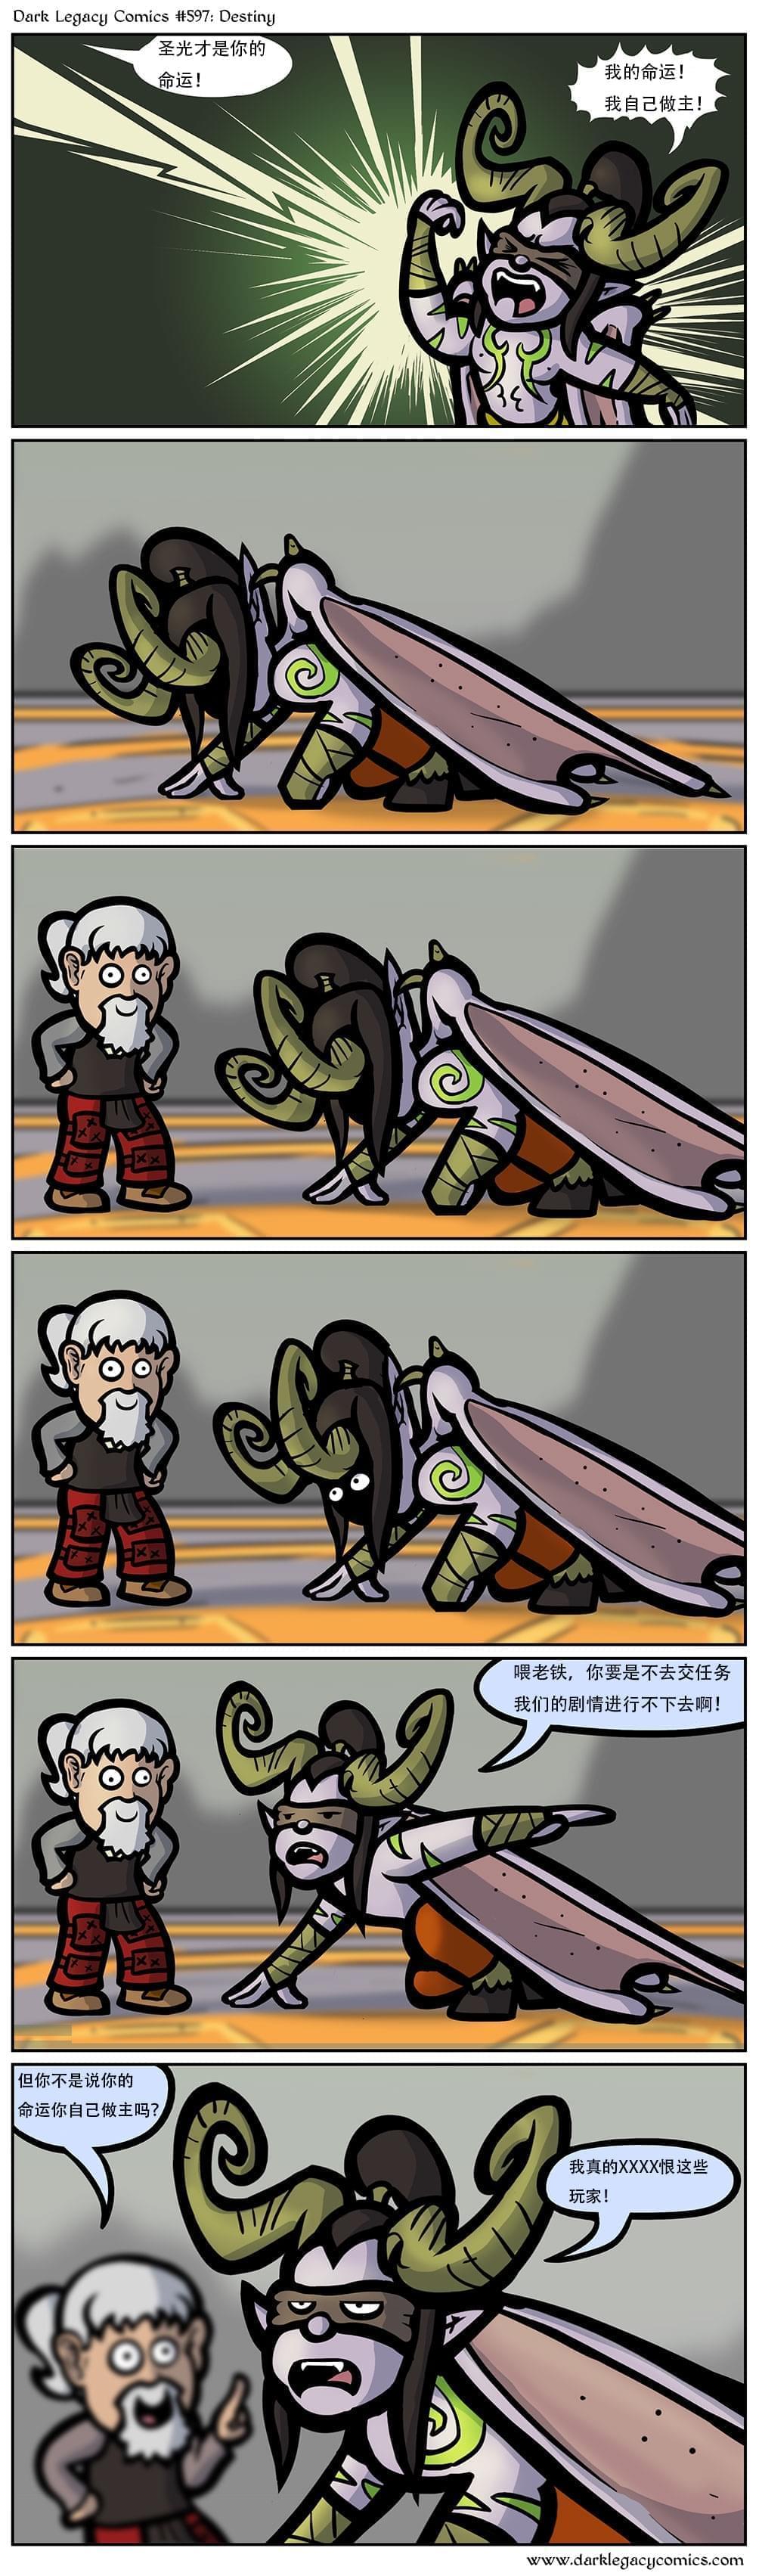 魔兽趣味漫画:伊利丹的命运真的能自己掌控?